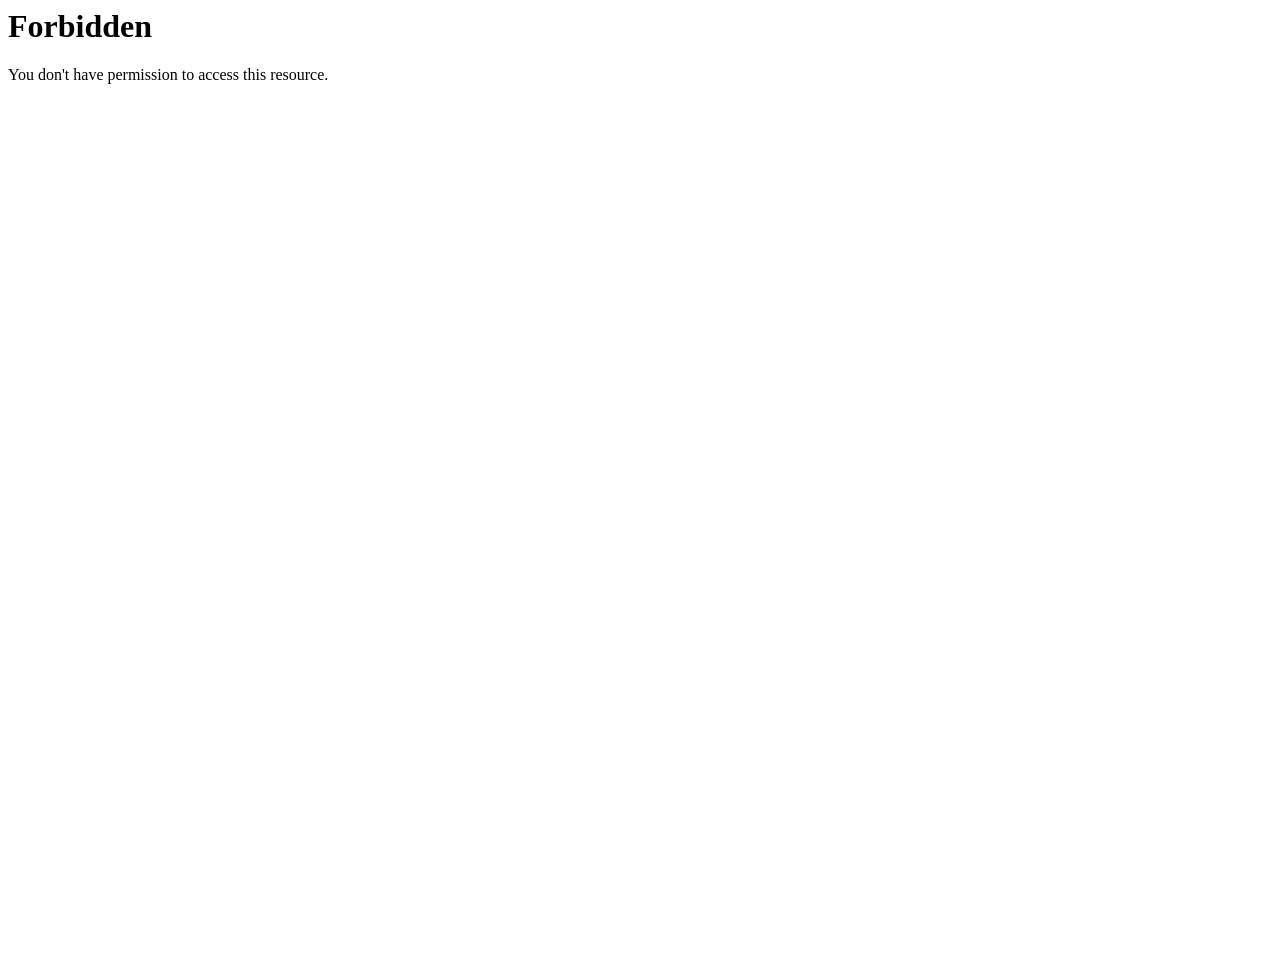 泉総合法律事務所(弁護士法人)厚木支店